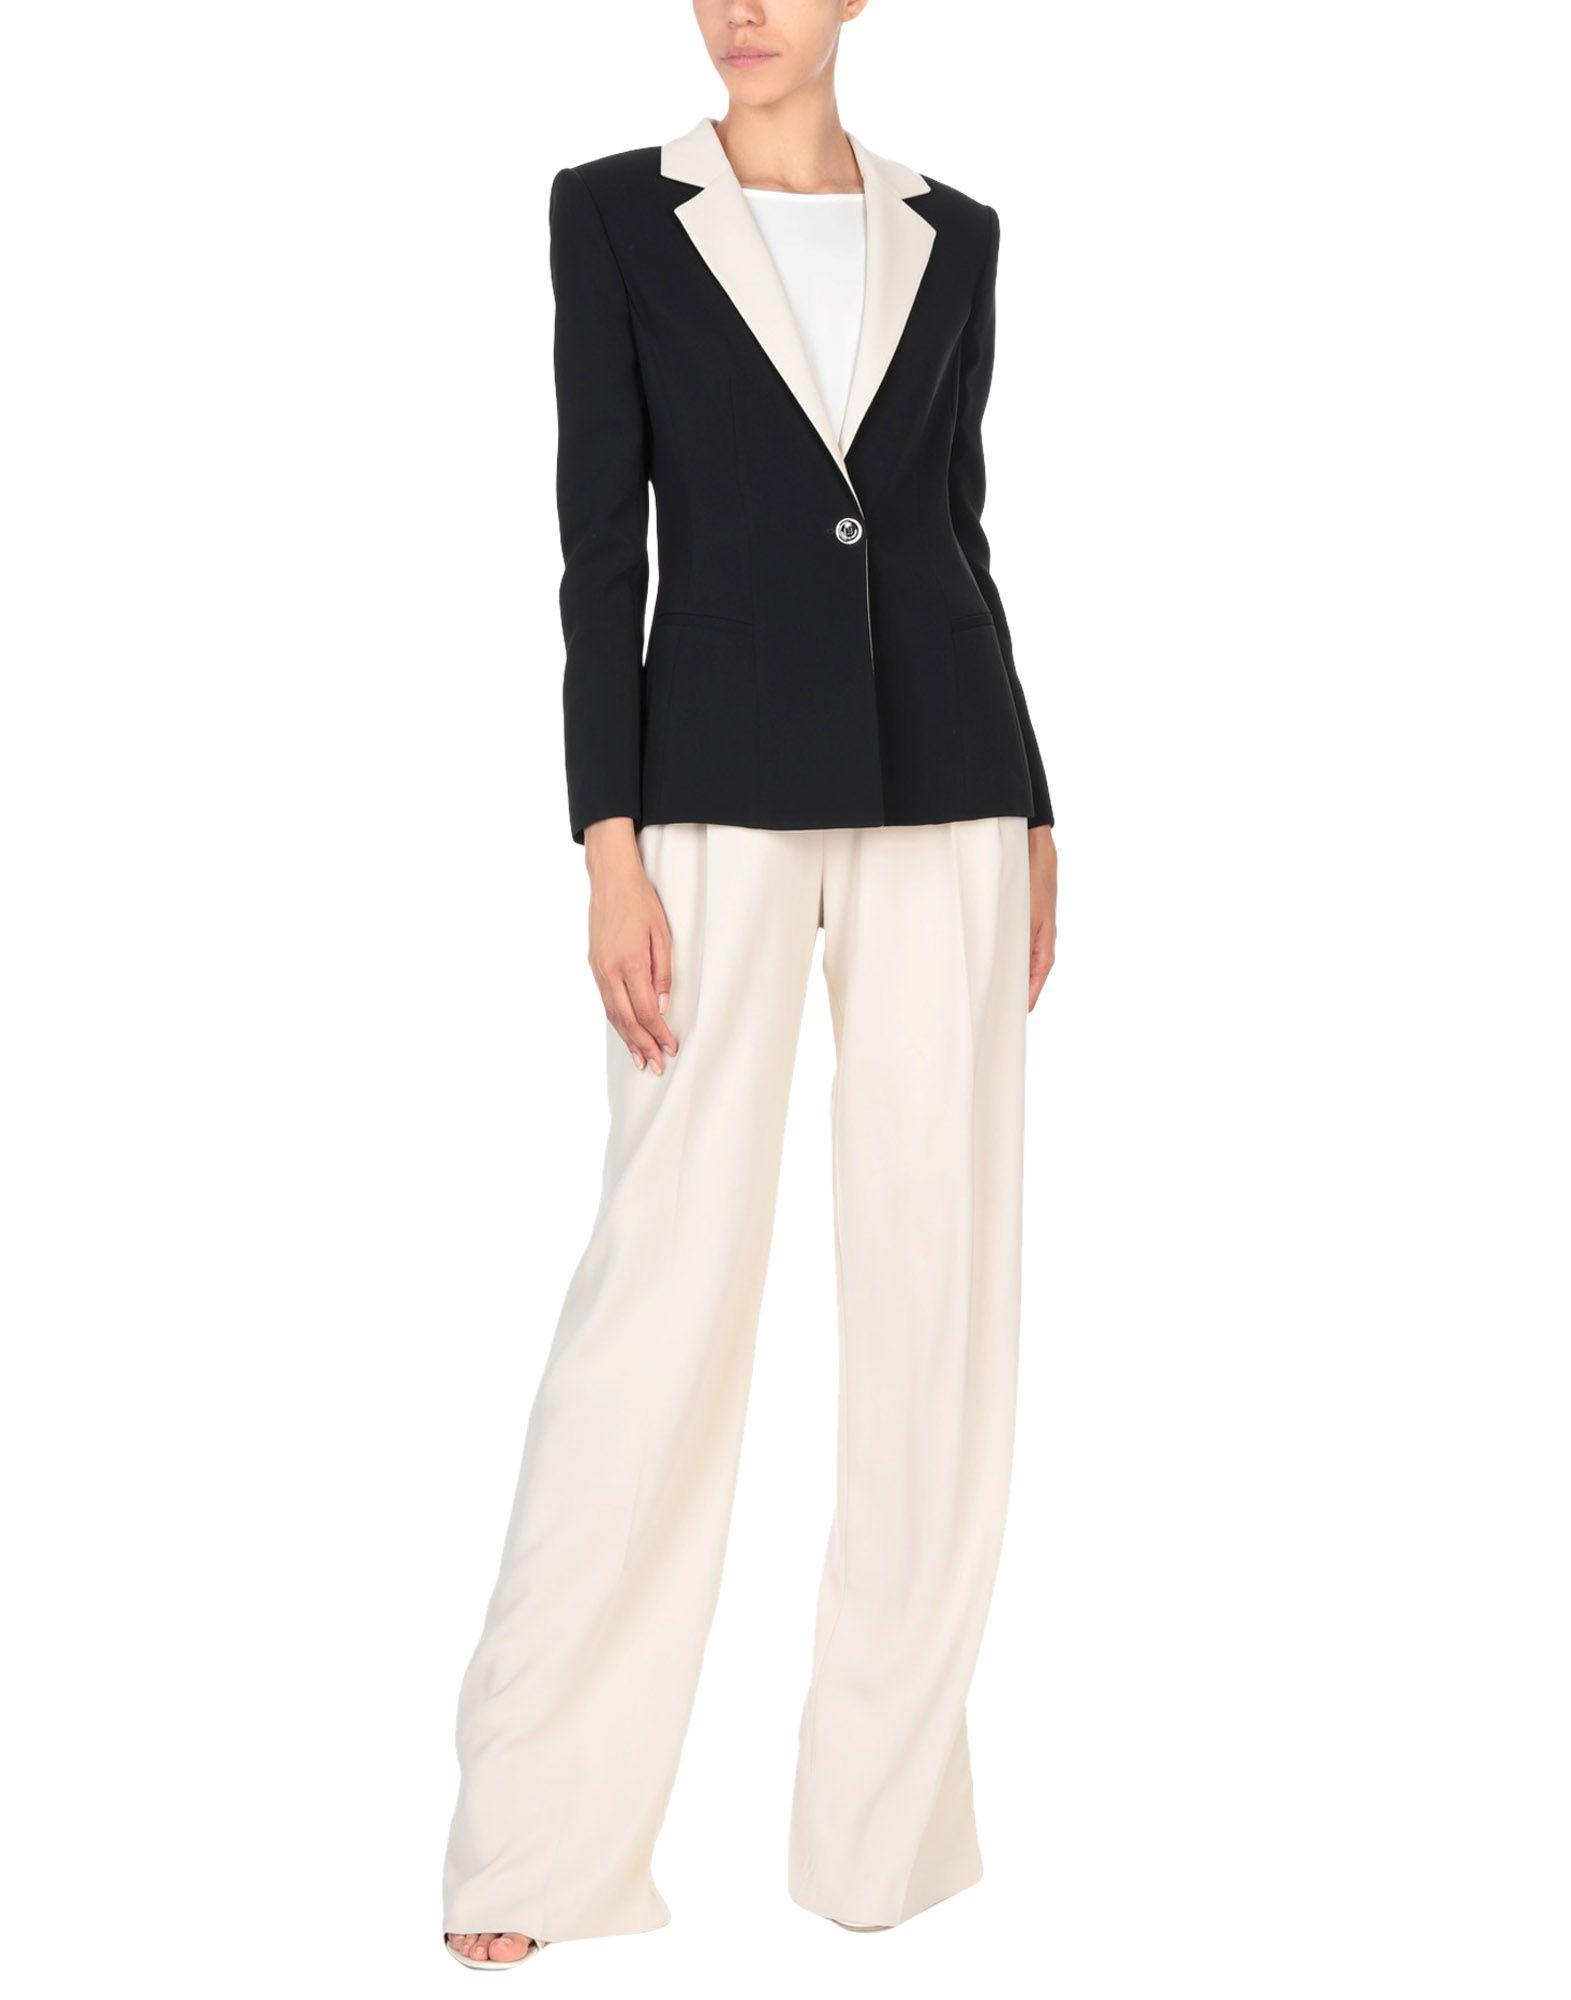 ELISABETTA FRANCHI Классический костюм классический галстук аксессуар robe длинные tie костюм диагональные полосы терилен